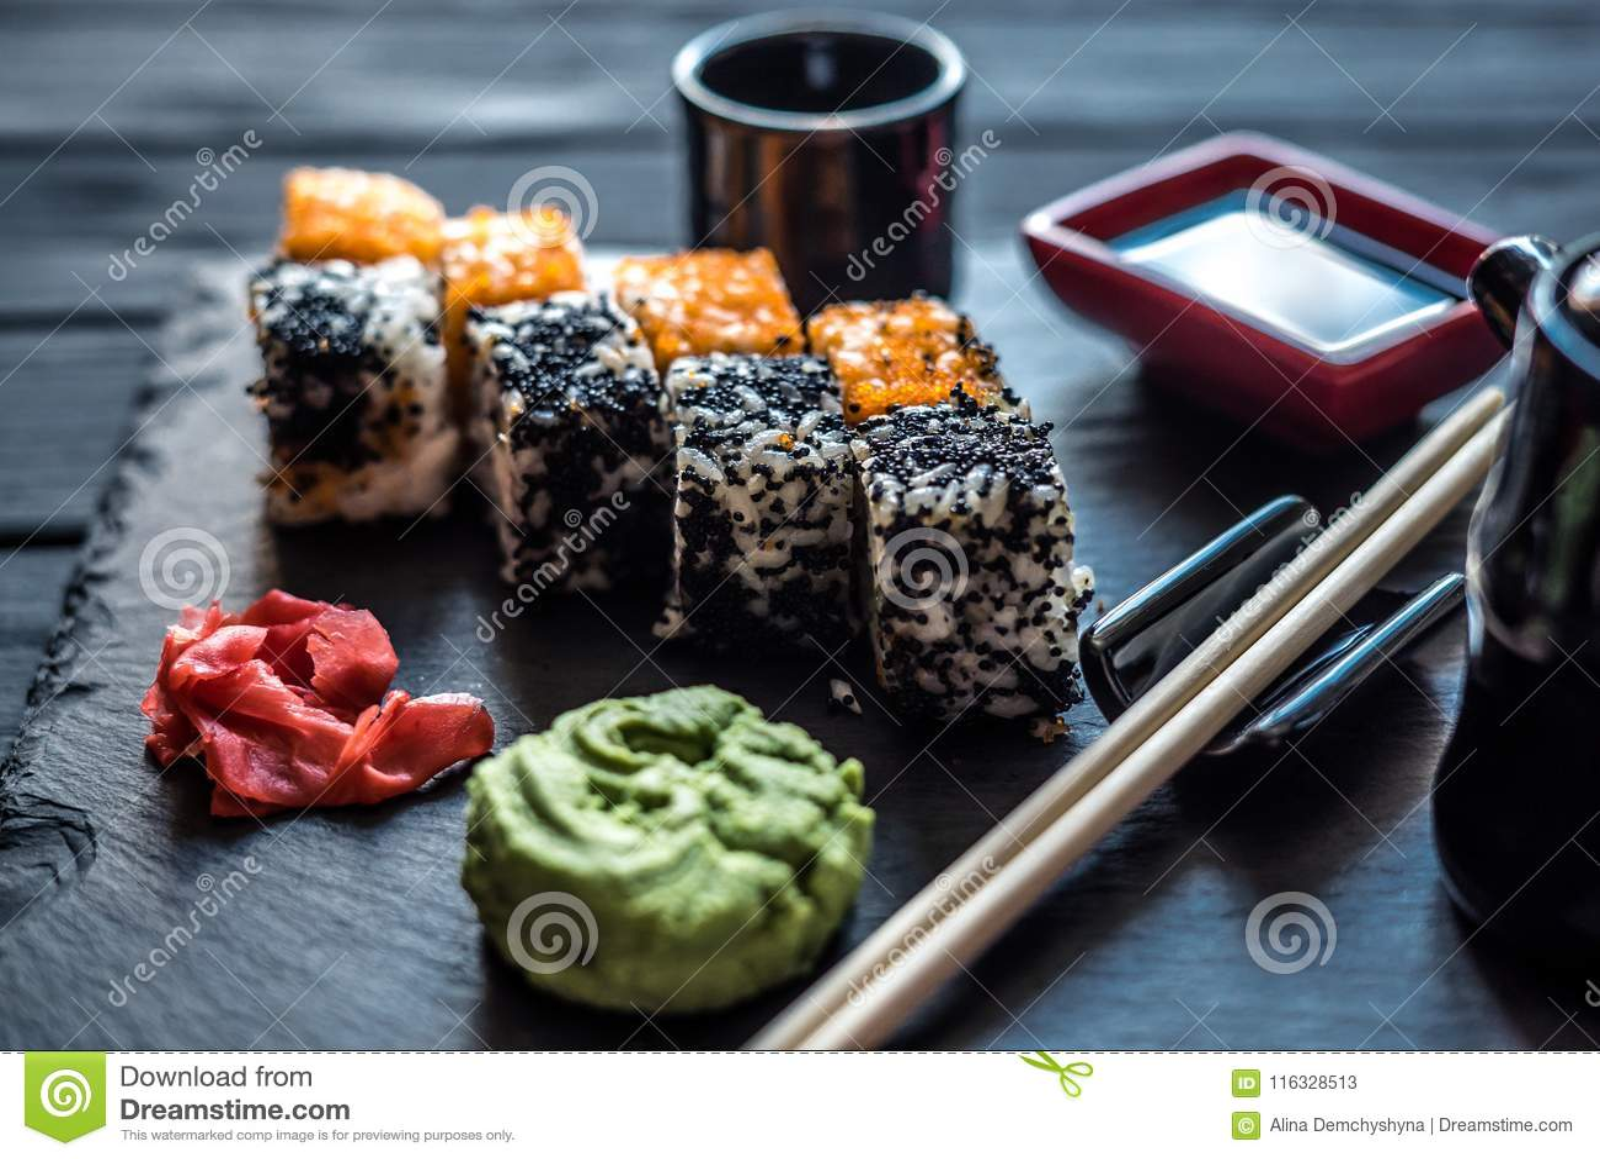 Sushi op een zwarte houten achtergrond